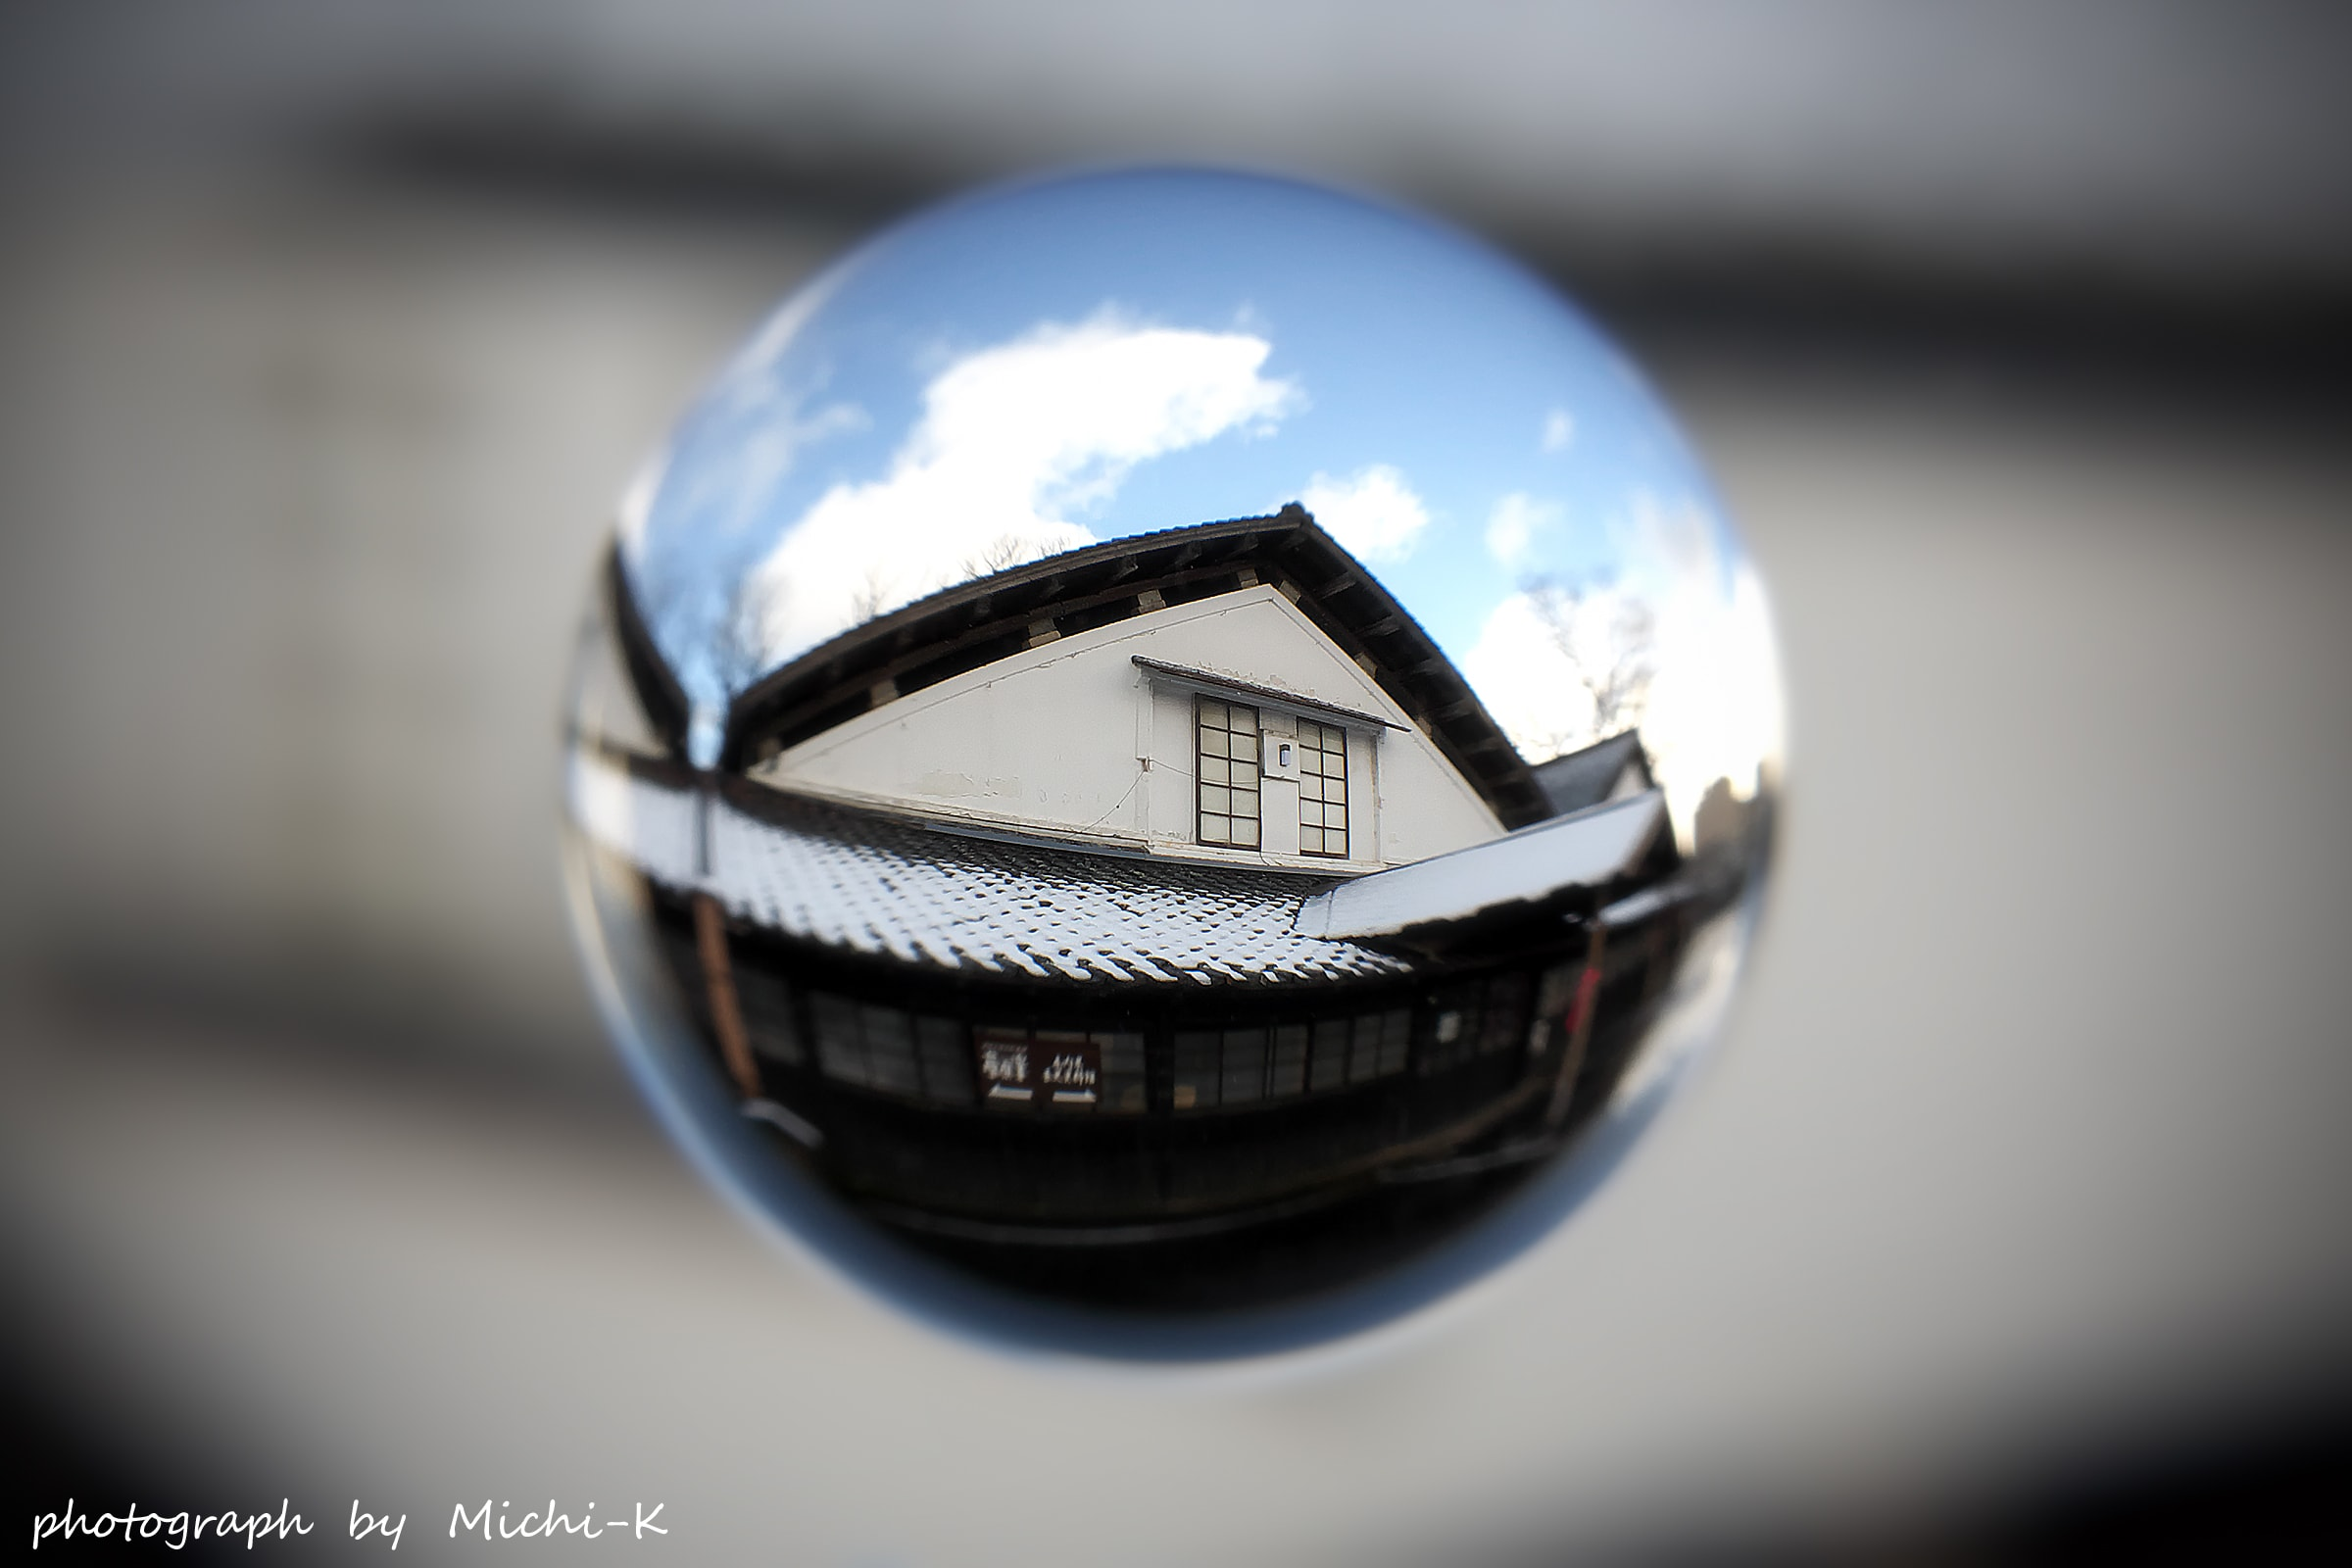 酒田市・山居倉庫-宙玉(そらたま)3